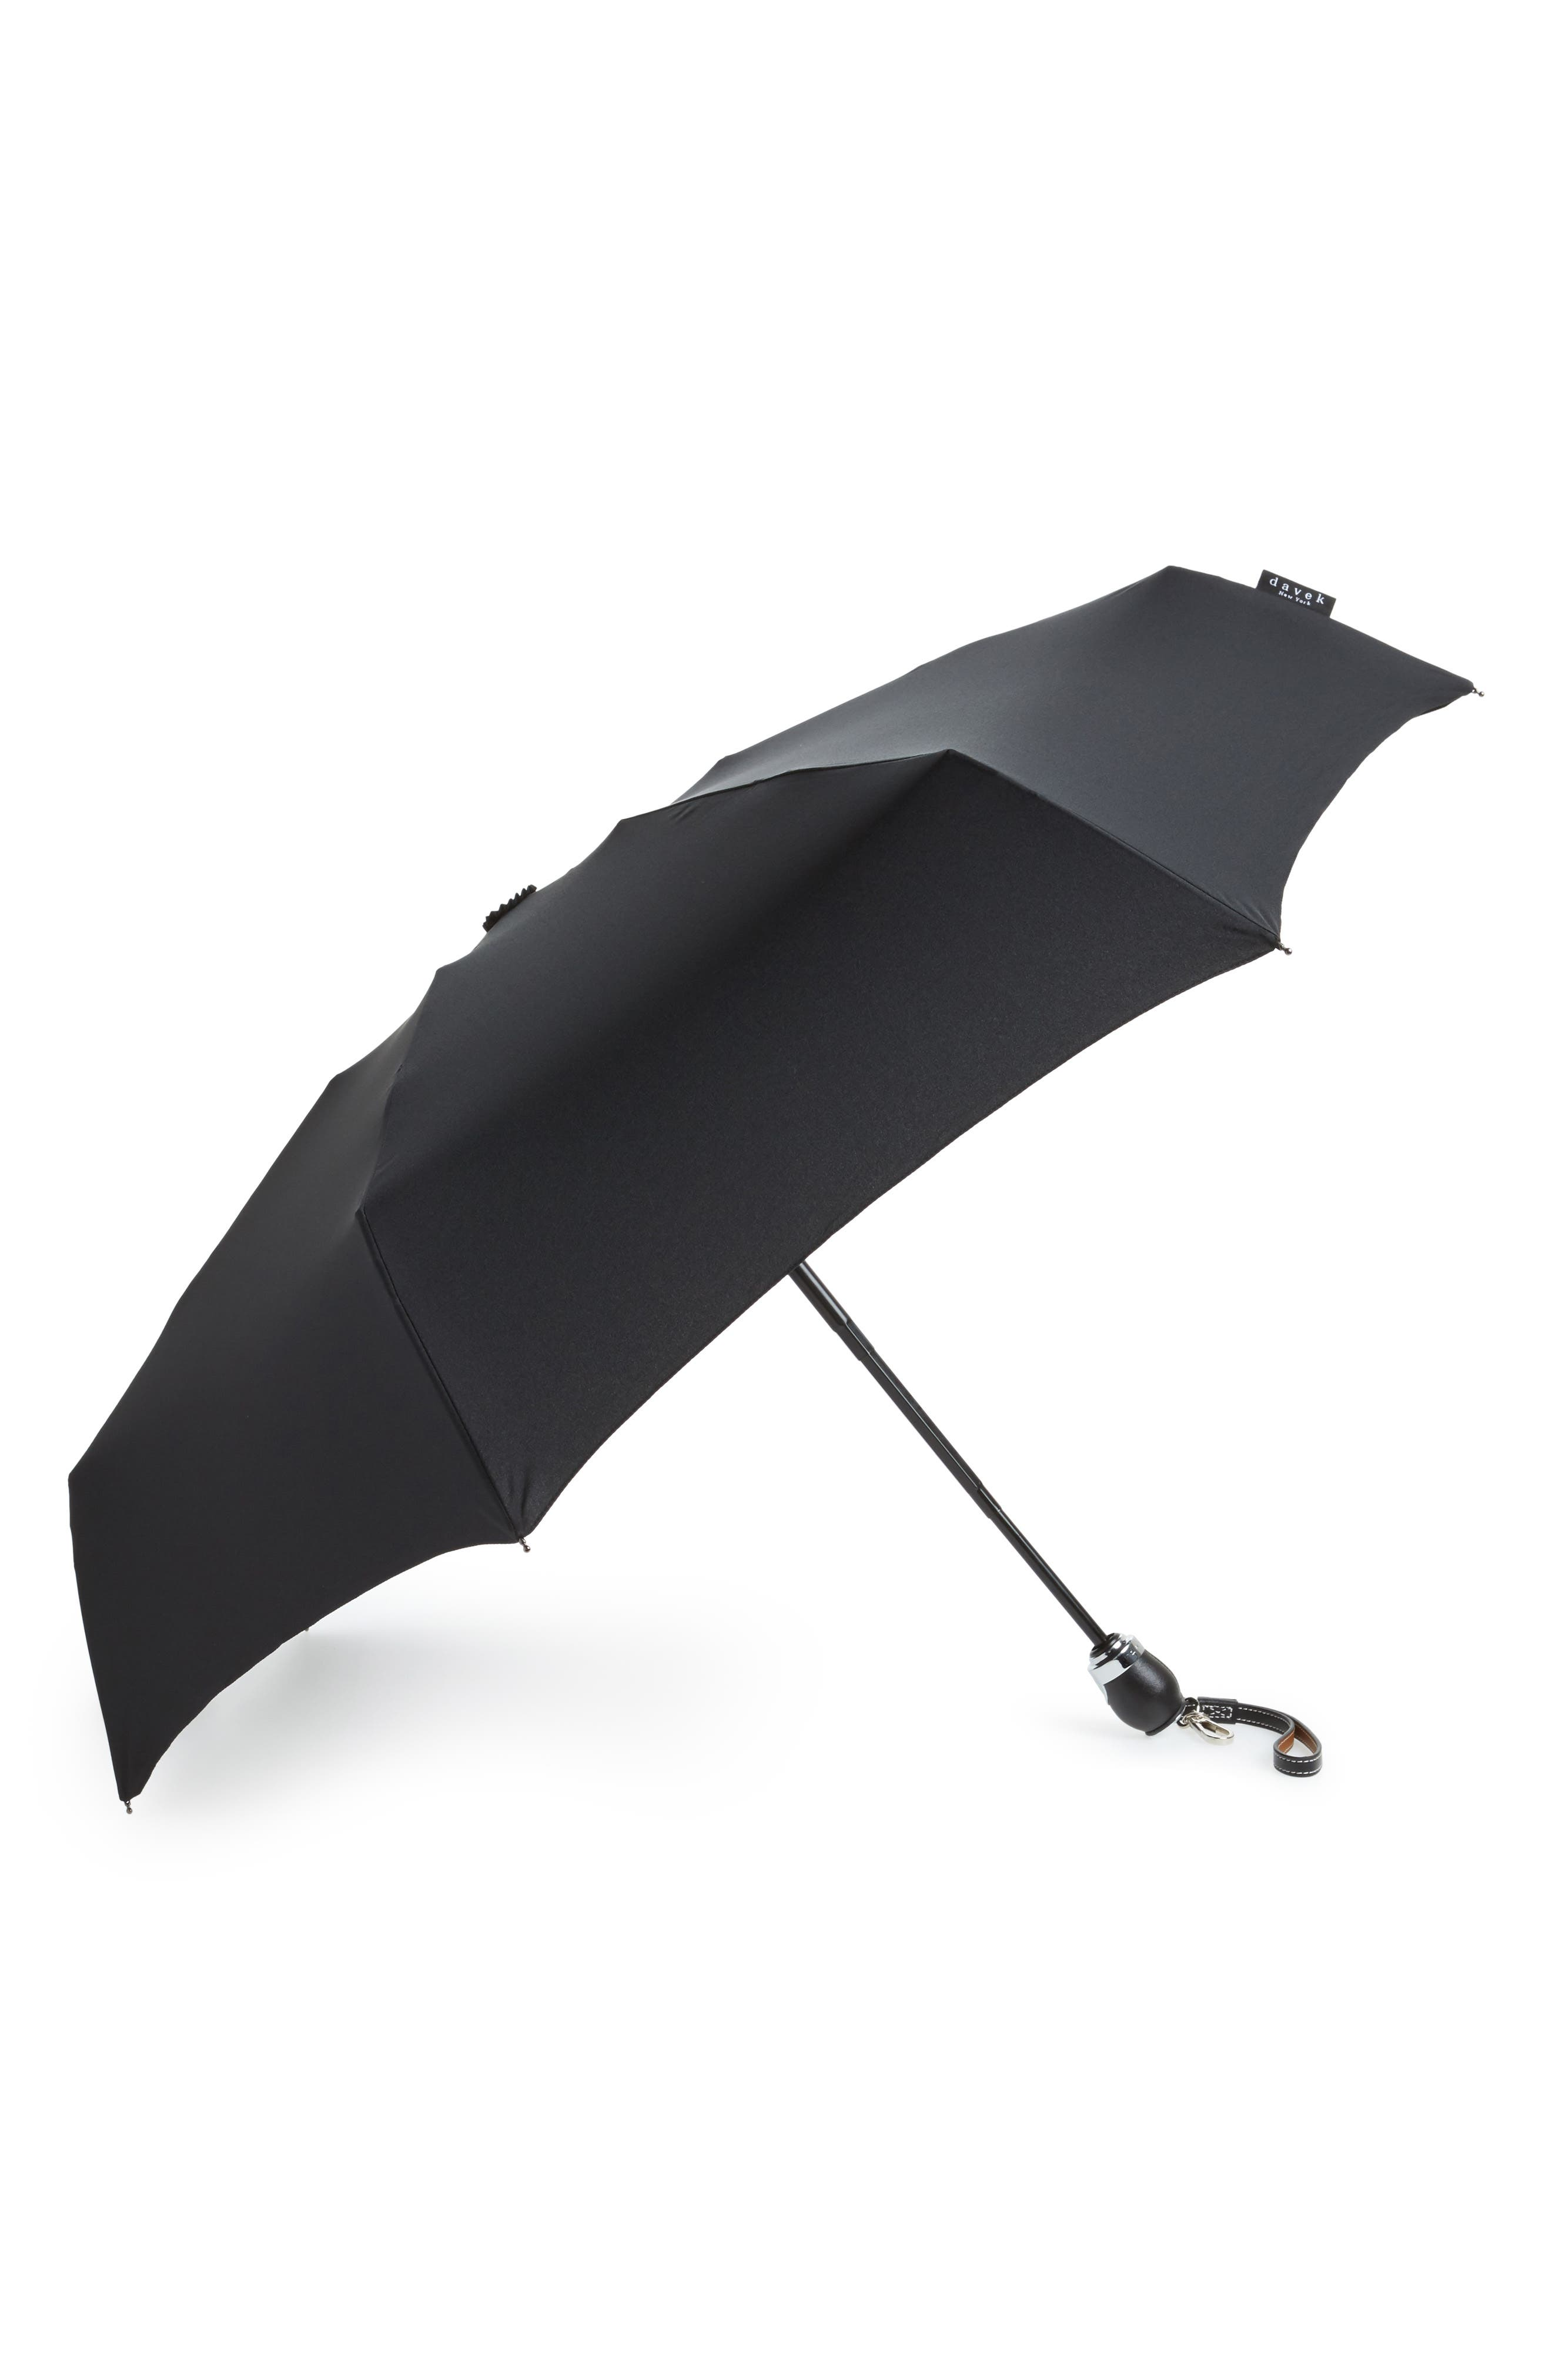 DAVEK Traveler Umbrella - Black in Classic Black